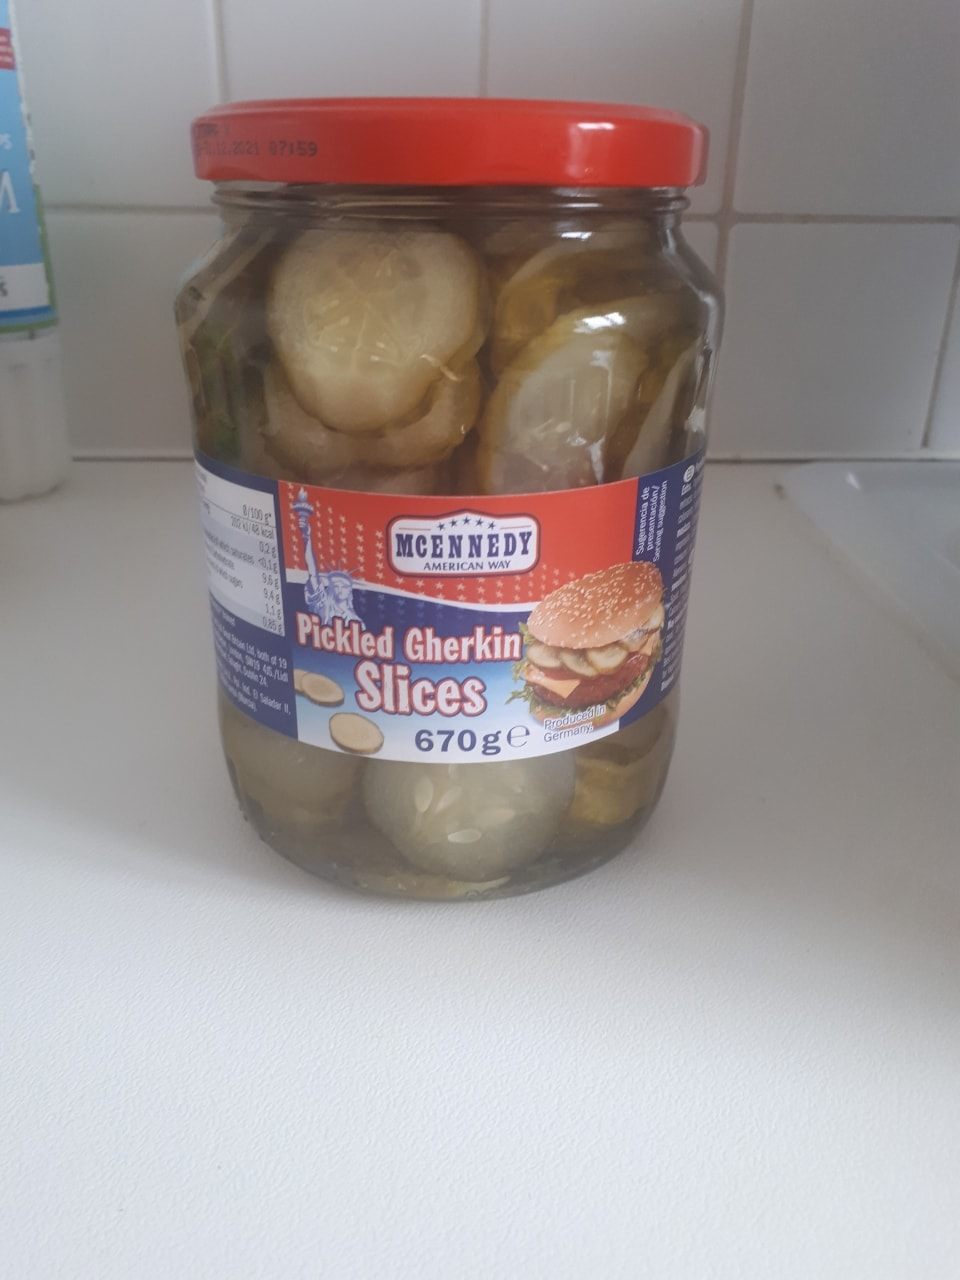 American pickled gherkins